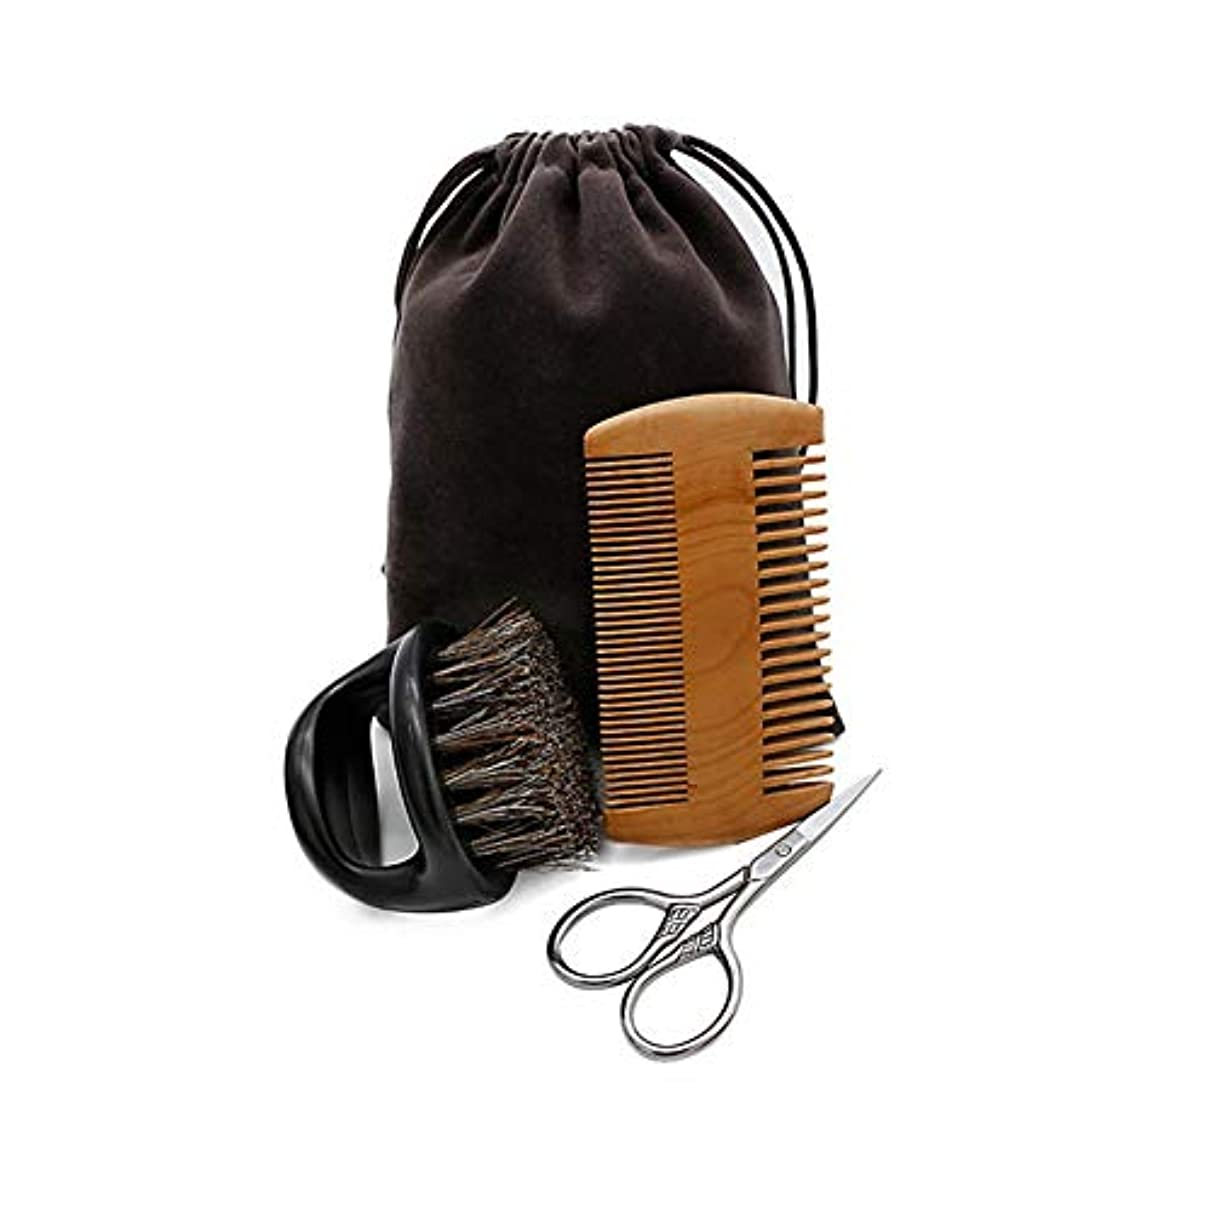 すりミリメートルクリームjunexi ビアードケアセット 3件セット ひげブラシ ピーチ木製櫛 はさみ 柔らかい 使いやすい メンズ髭手入れセット 収納袋付き 携帯便利 ヘアブラシセット